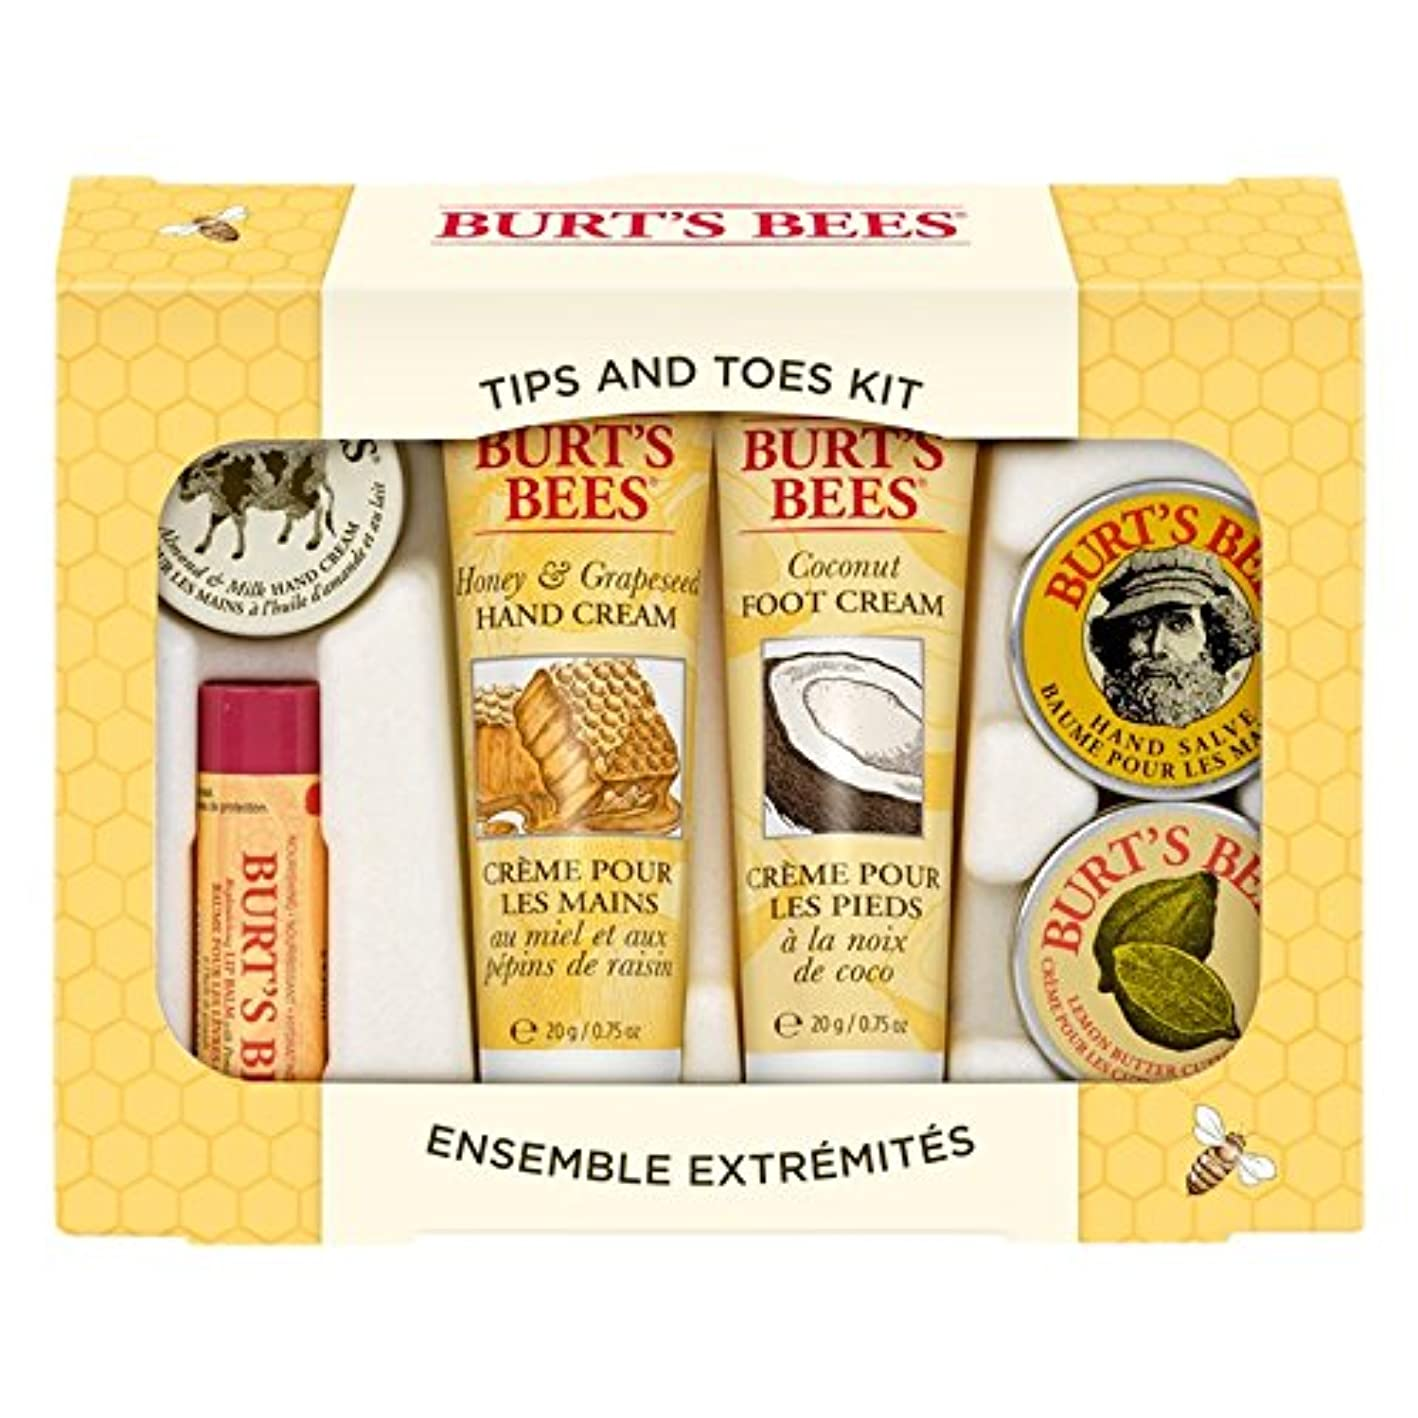 雑多なケイ素舗装するバーツビーのヒントとつま先はスターターキットをスキンケア (Burt's Bees) (x6) - Burt's Bees Tips And Toes Skincare Starter Kit (Pack of 6) [...